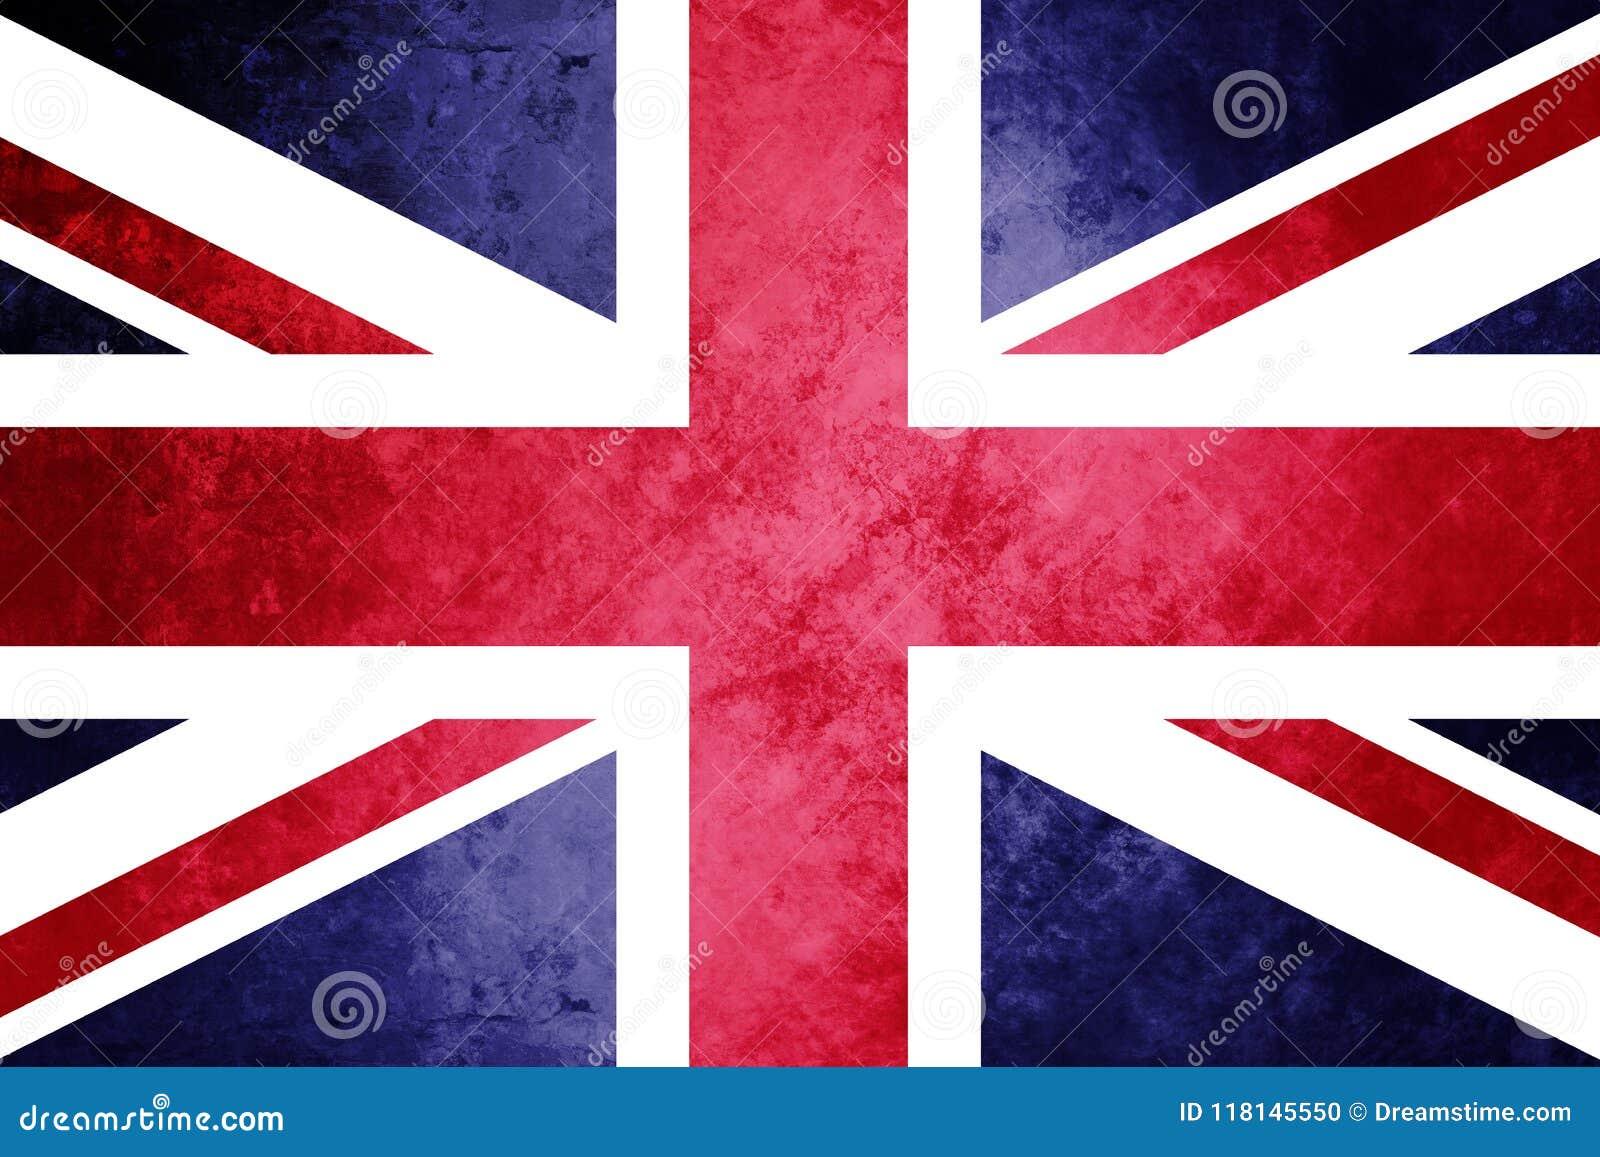 Bandeira de união, Union Jack, bandeira de união real